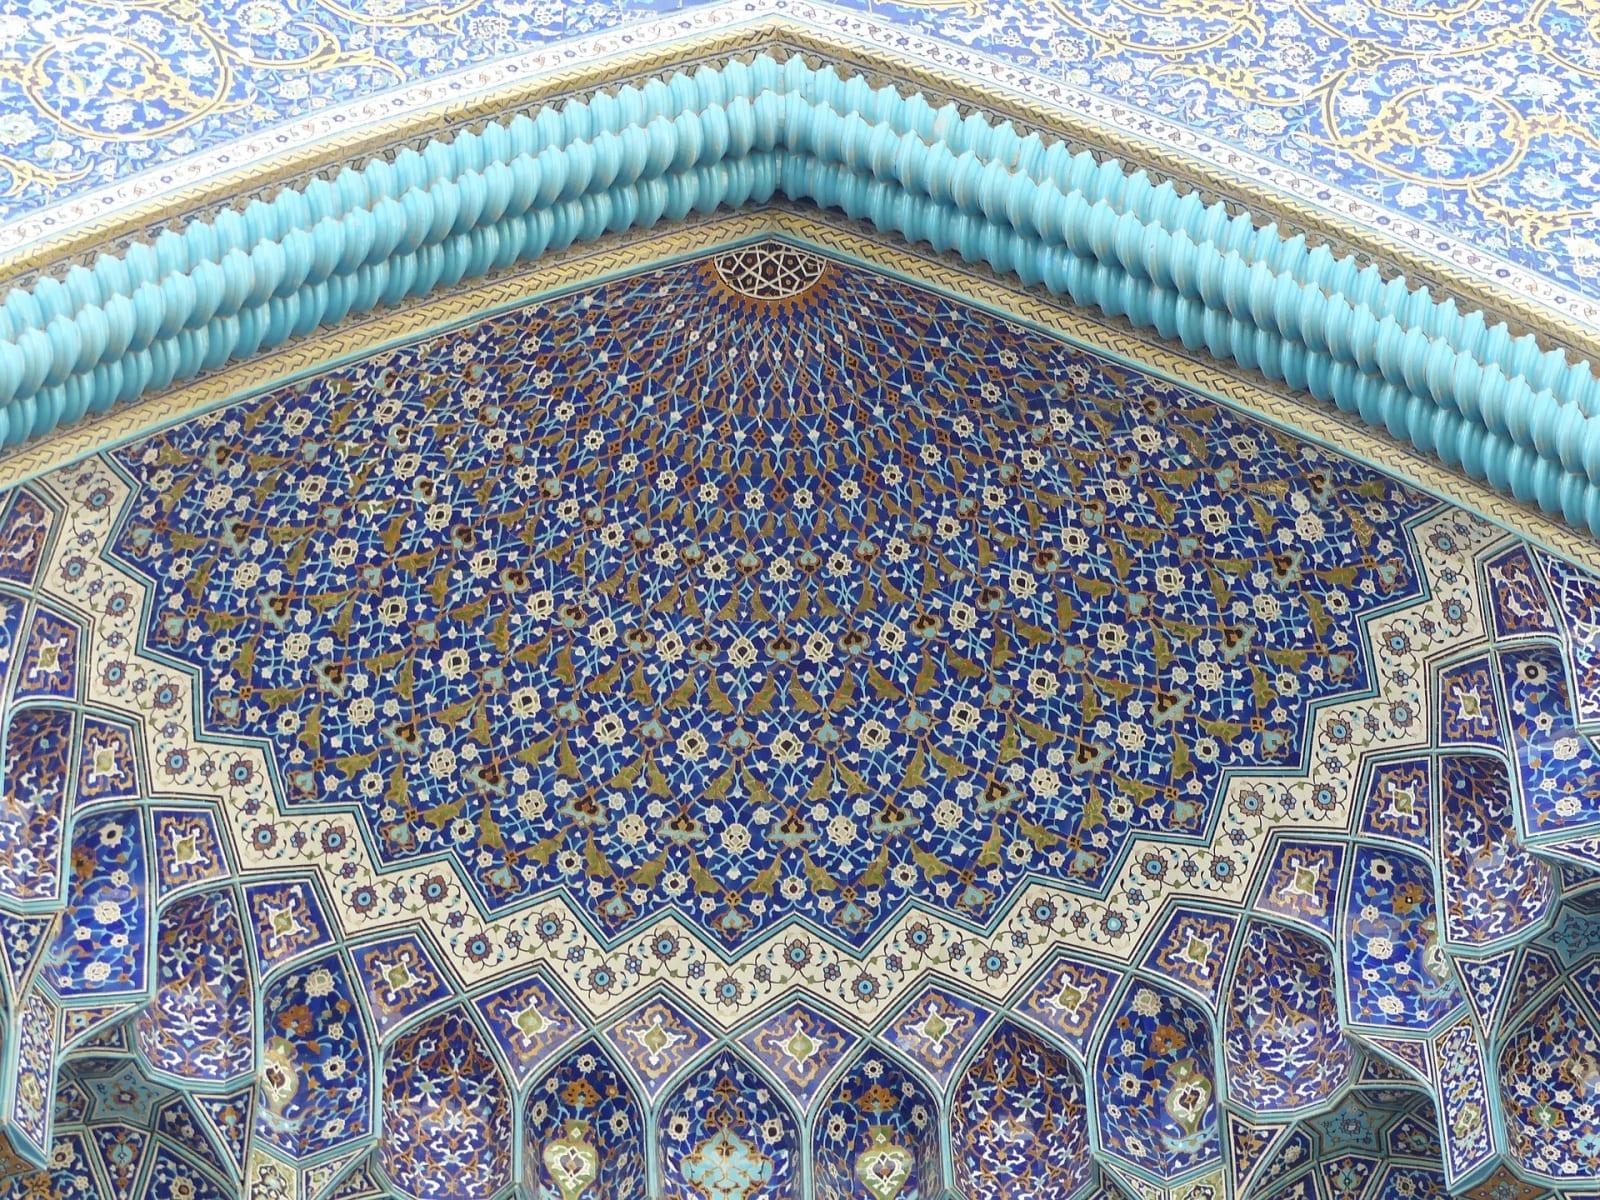 Pestré mozaiky na mešitách jsou poznávacím znamením Íránu